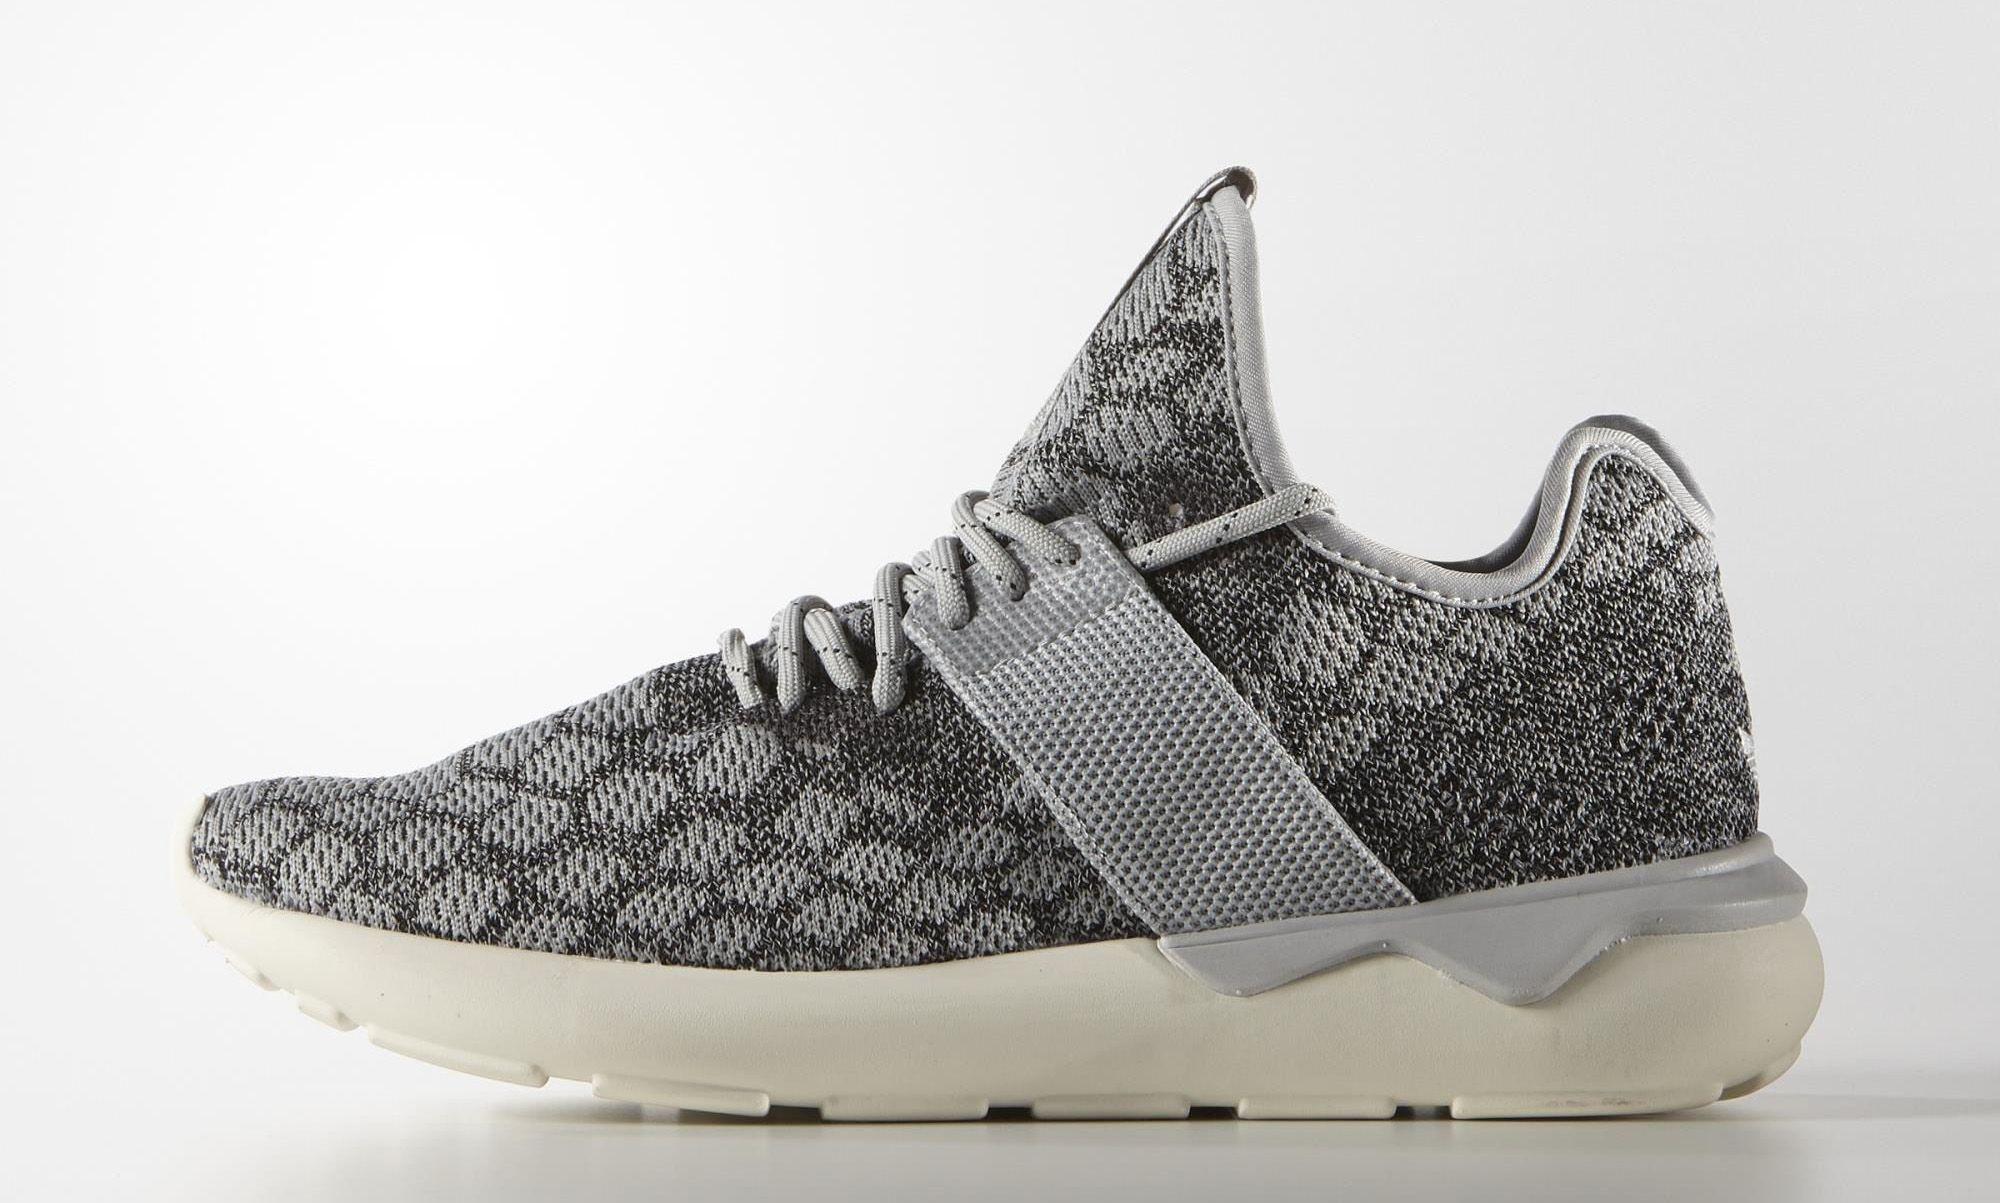 calci del giorno: adidas tubulare runner primeknit